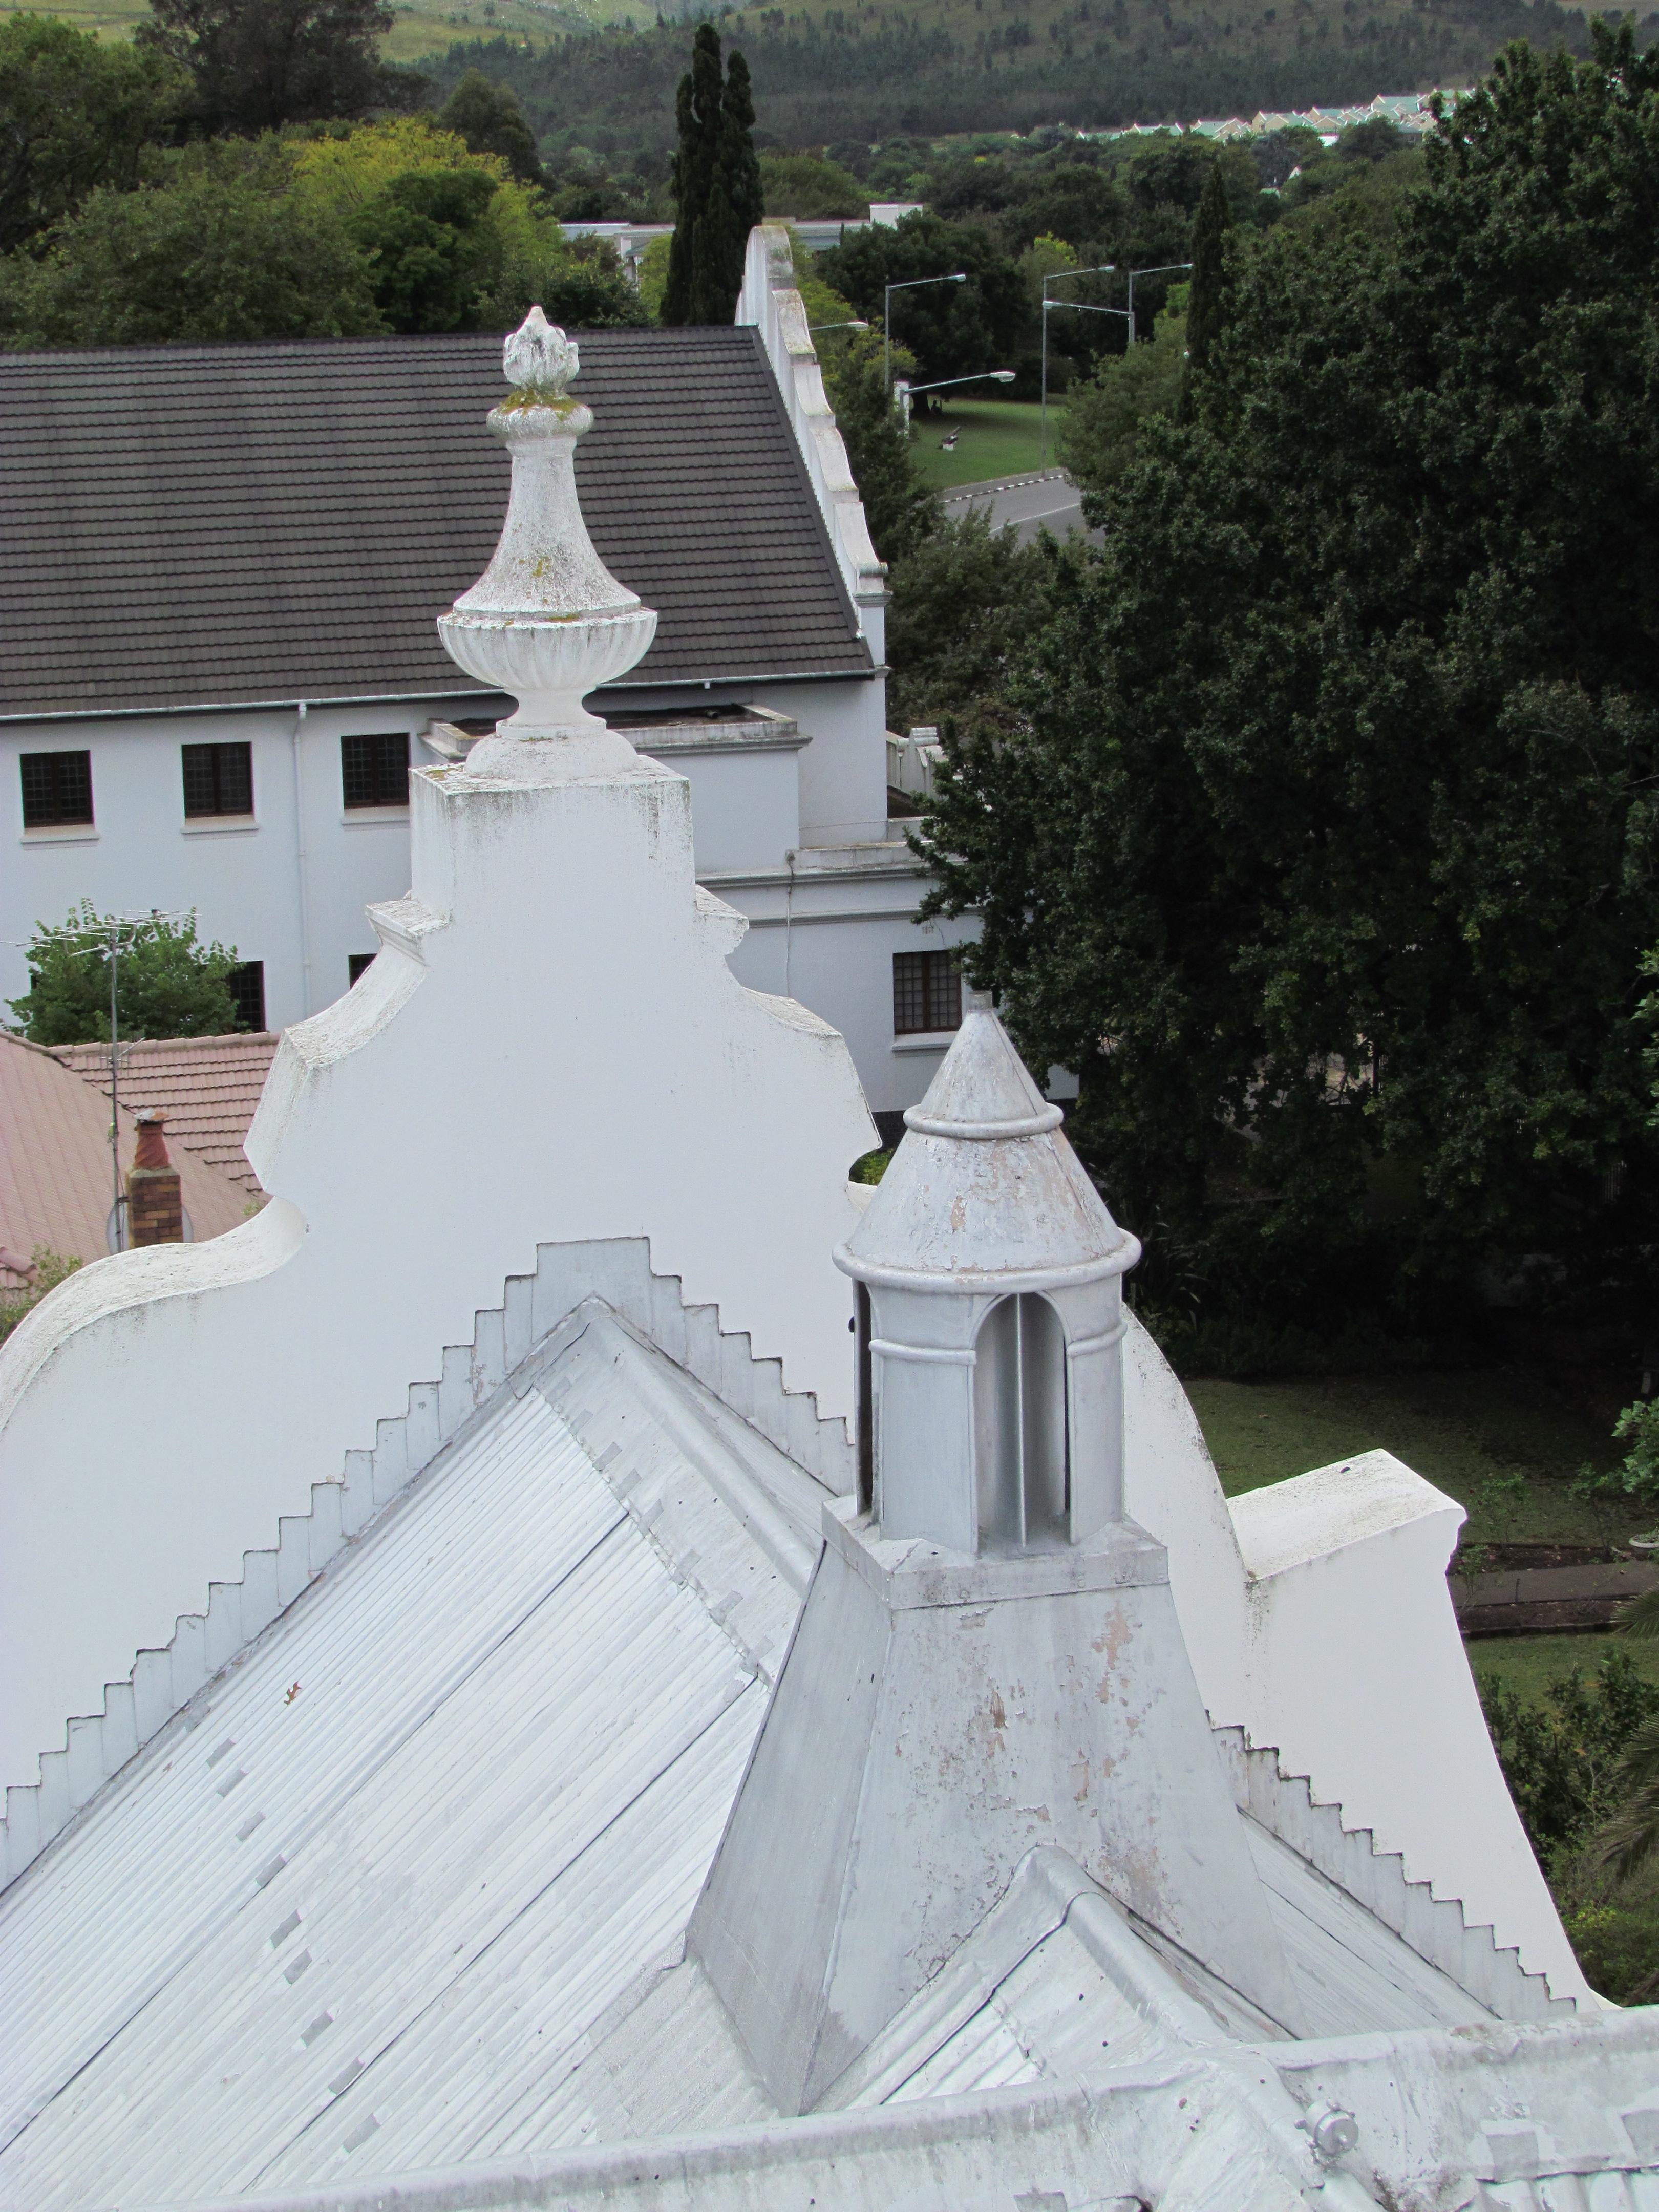 Gewels op die kerk se dak